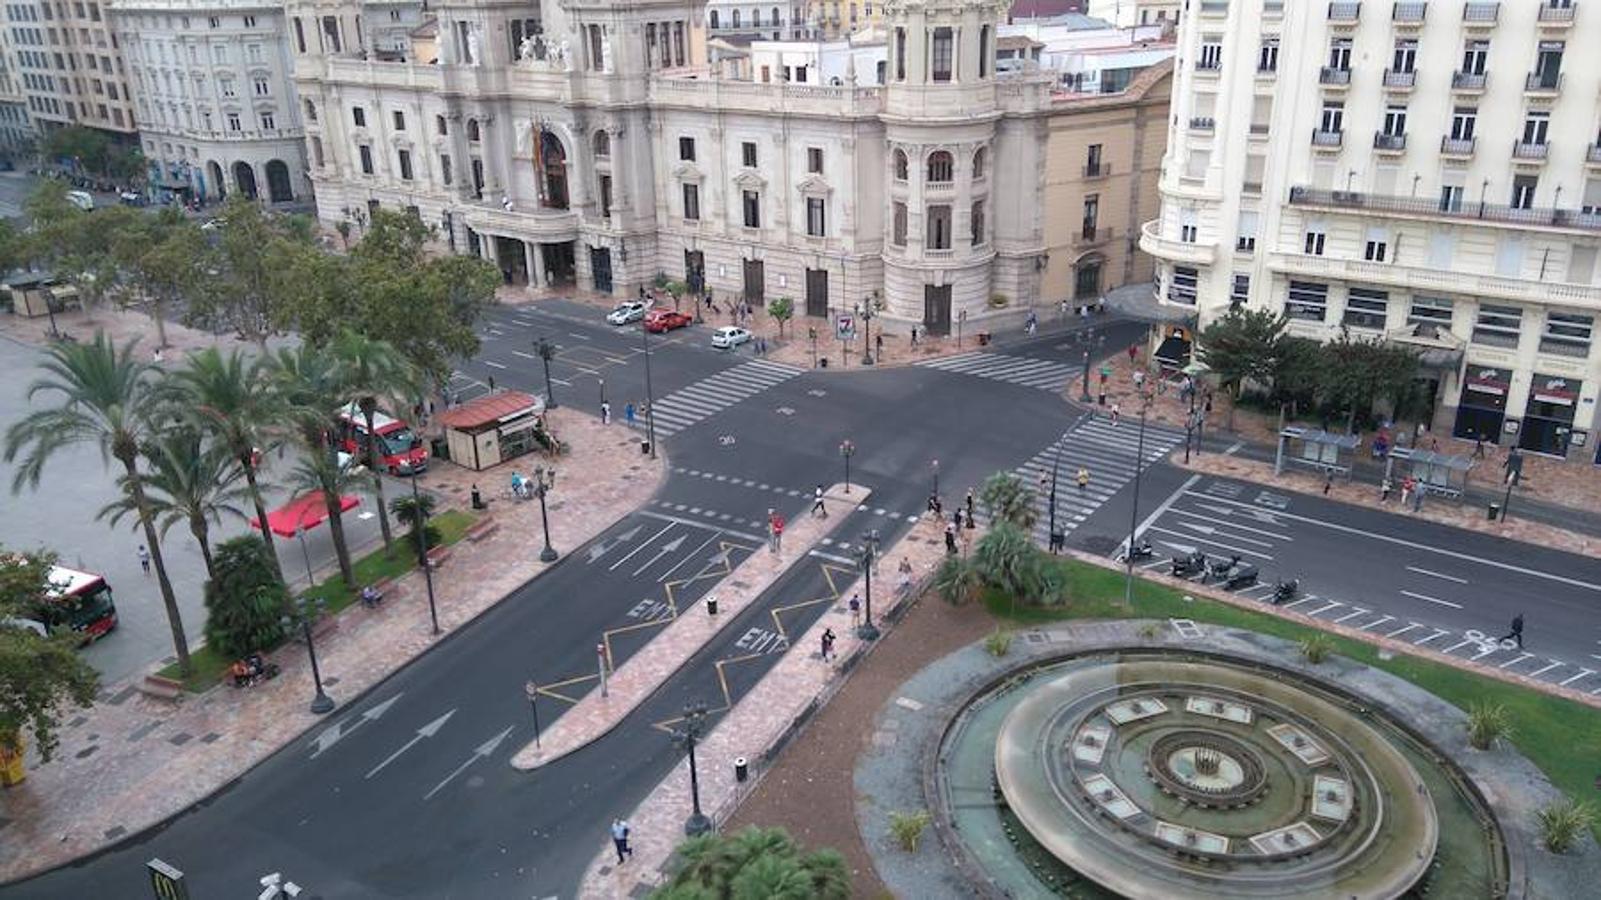 La ciudad de Valencia se ha tenidos que acostumbrar a los días sin coches desde que Joan Ribó, un ferviente defensor del uso de la bicicleta, tomó la vara de mando. La imagen muestra la Plaza del Ayuntamiento de Valencia completamente vacía